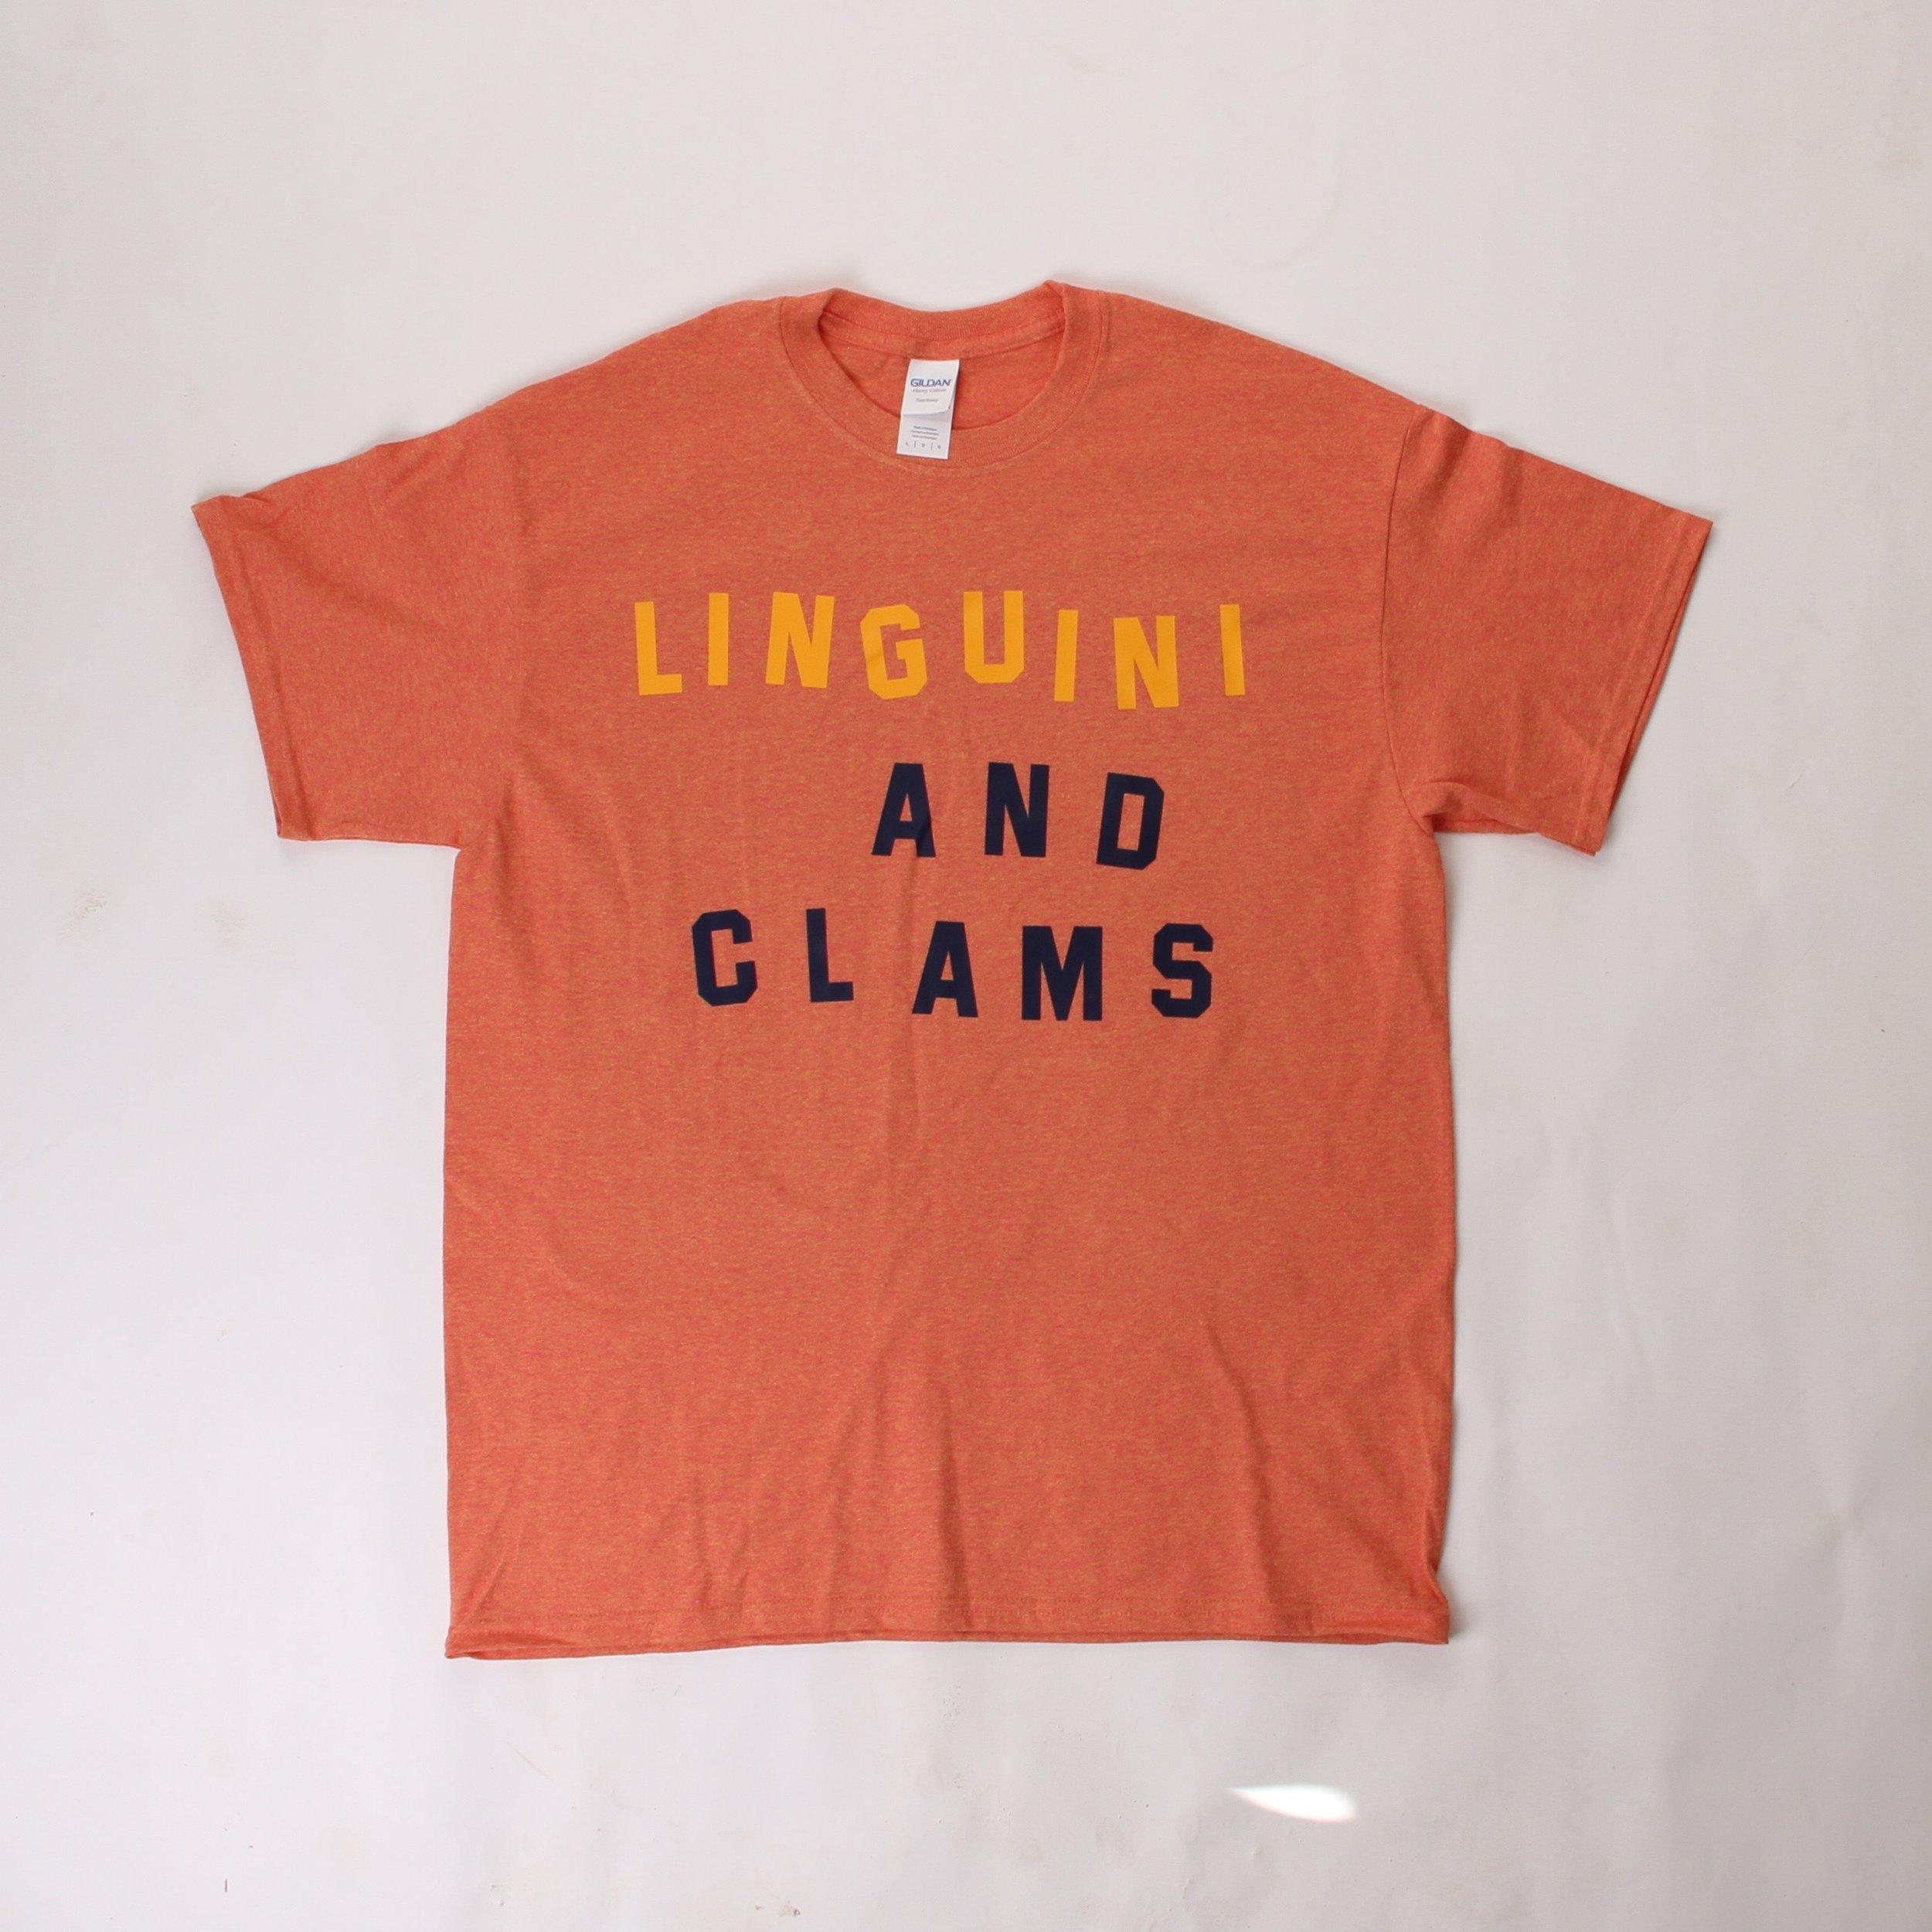 Linguini + Clams $25